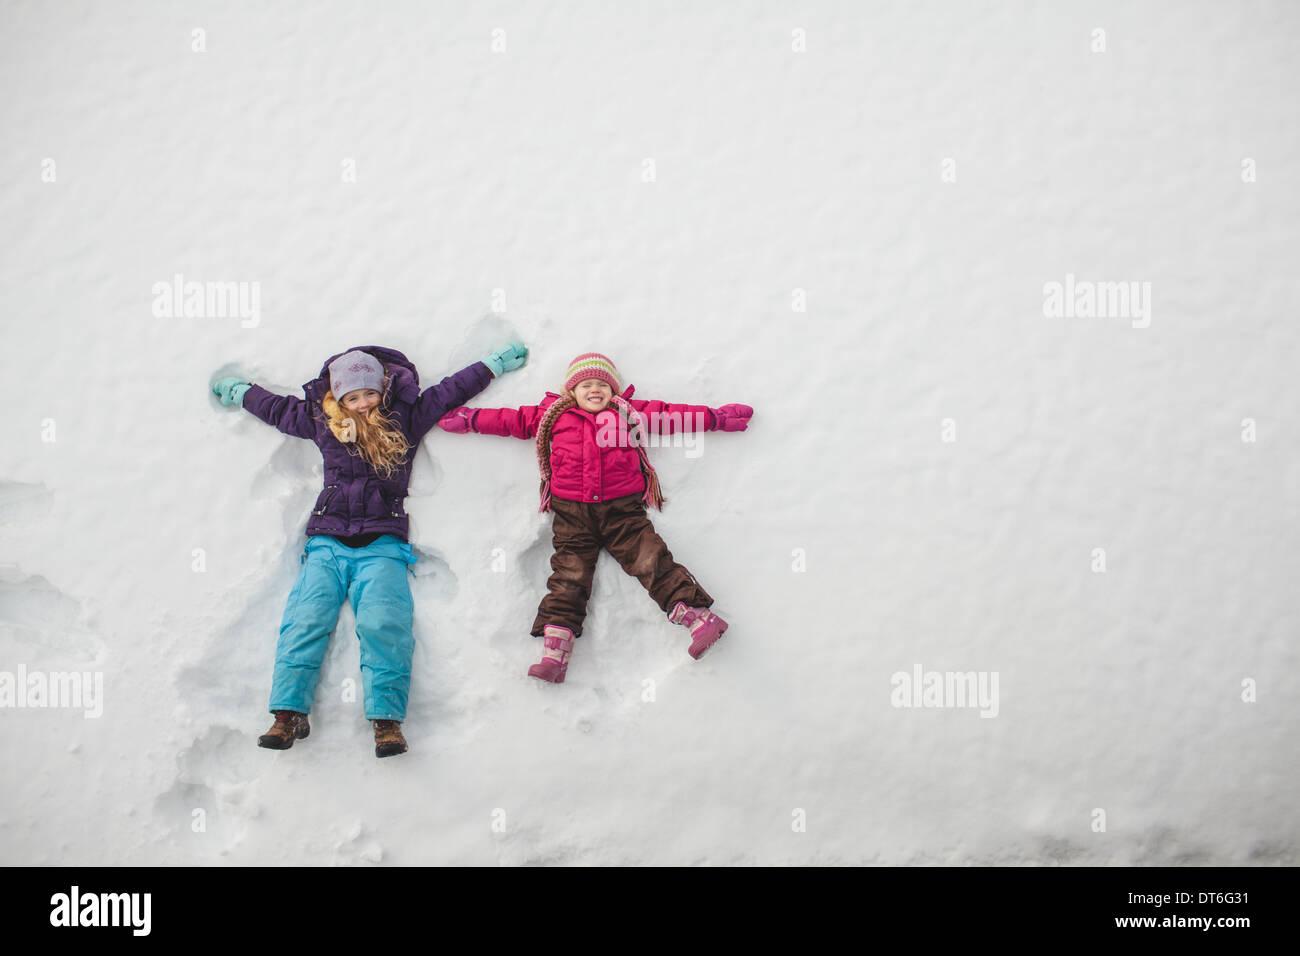 Deux soeurs de jouer, faire des anges dans la neige dans la neige Photo Stock